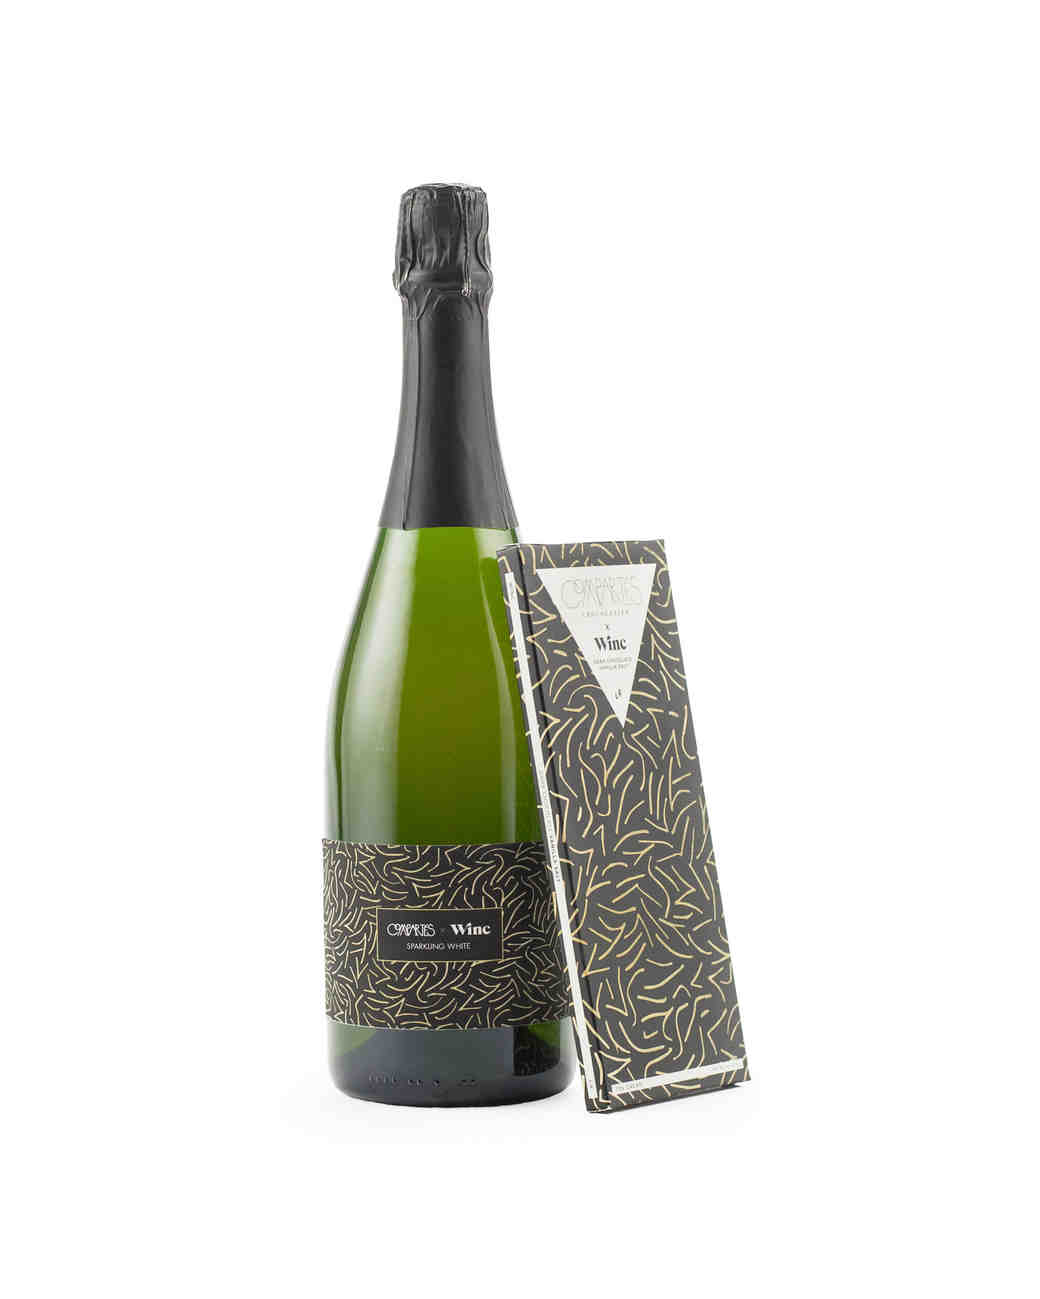 Compartes Winc Champagne